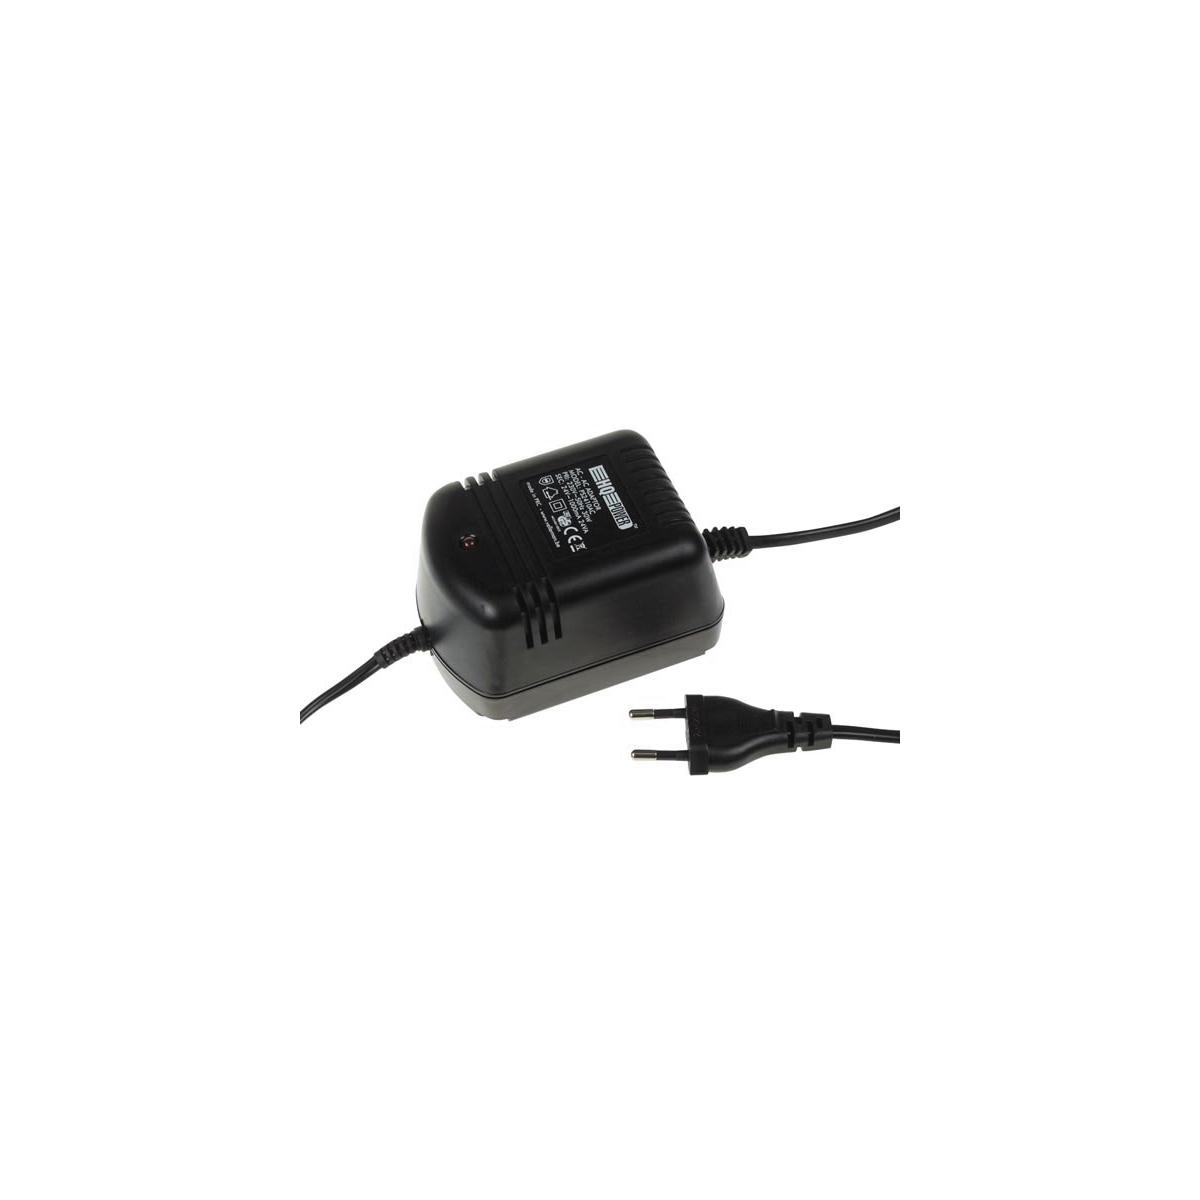 Power-supply for DC600 liquor control system